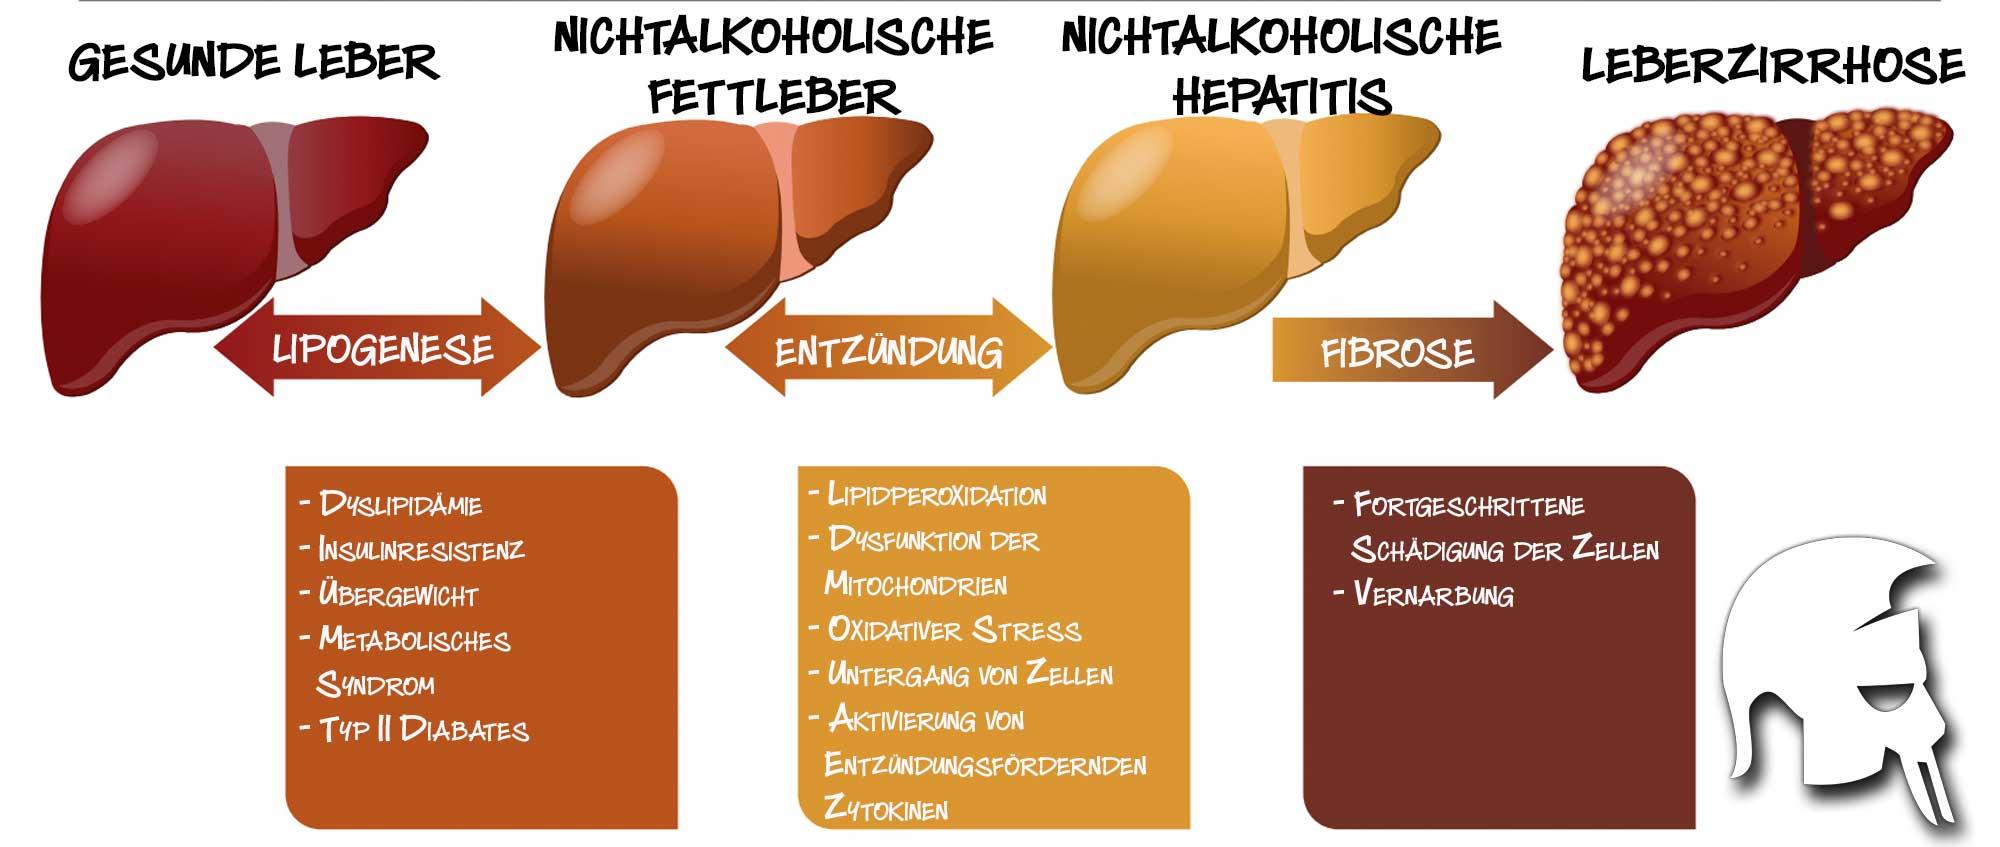 Ernährung nichtalkoholische Fettleber